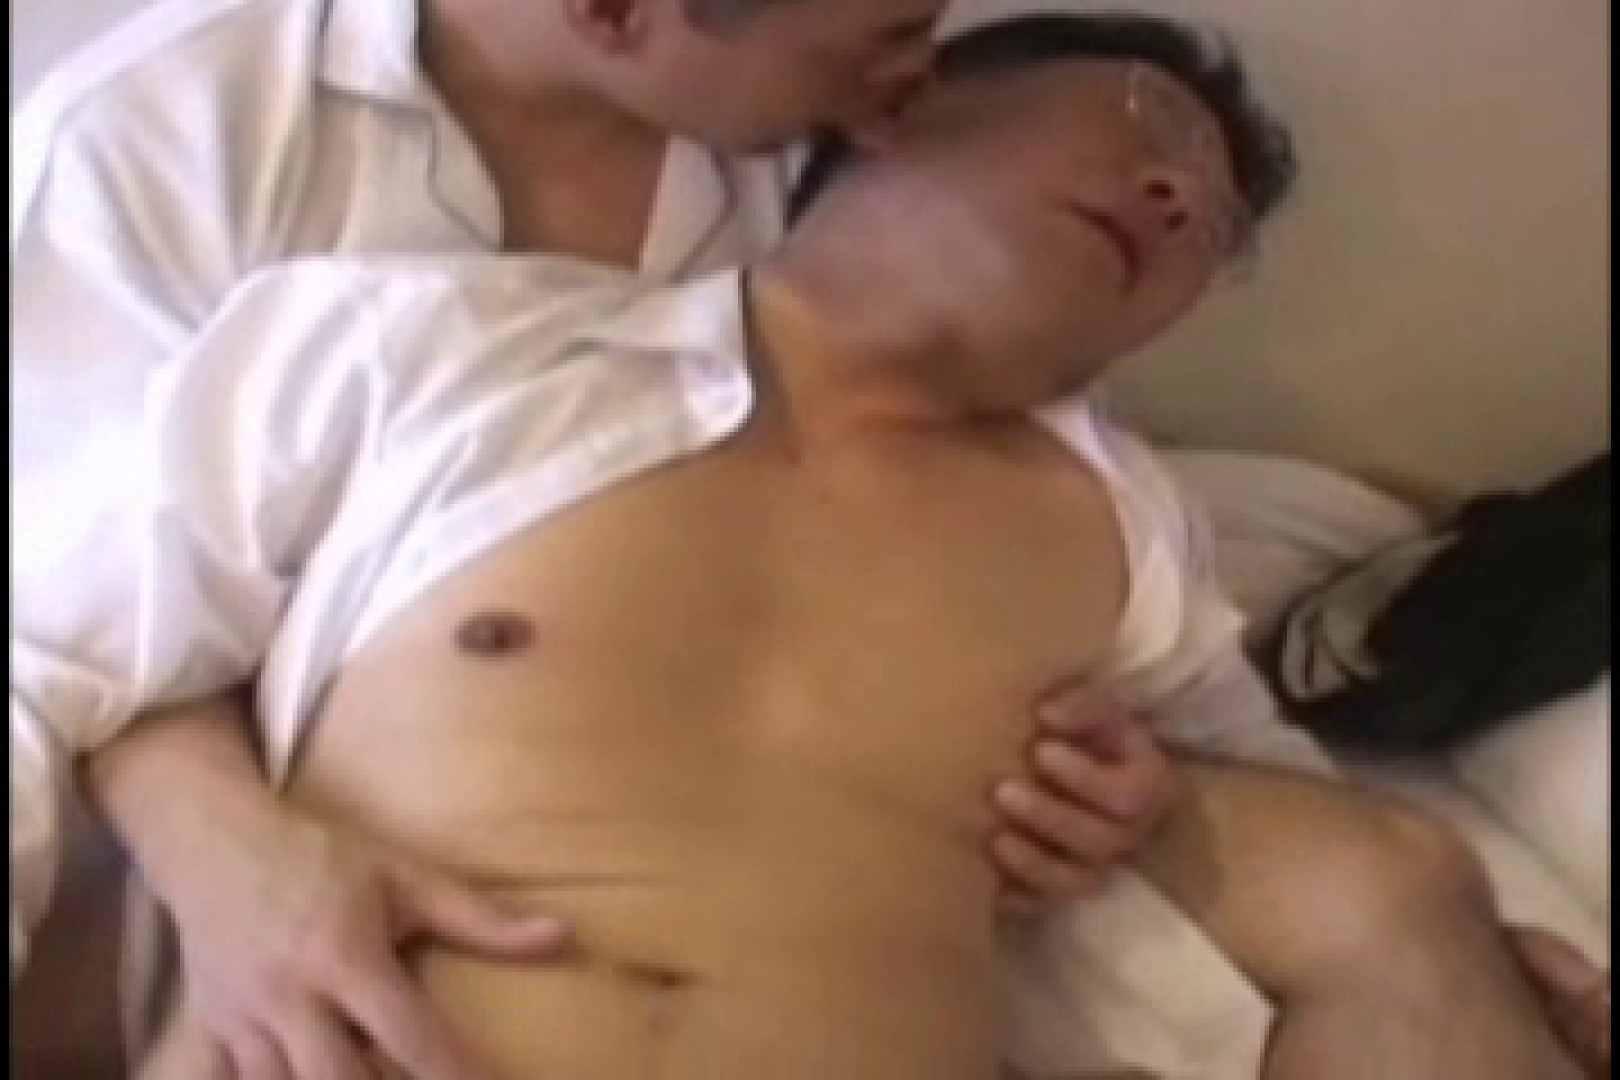 塾年ゲイ男の性交渉 男どうし ゲイフリーエロ画像 54pic 39